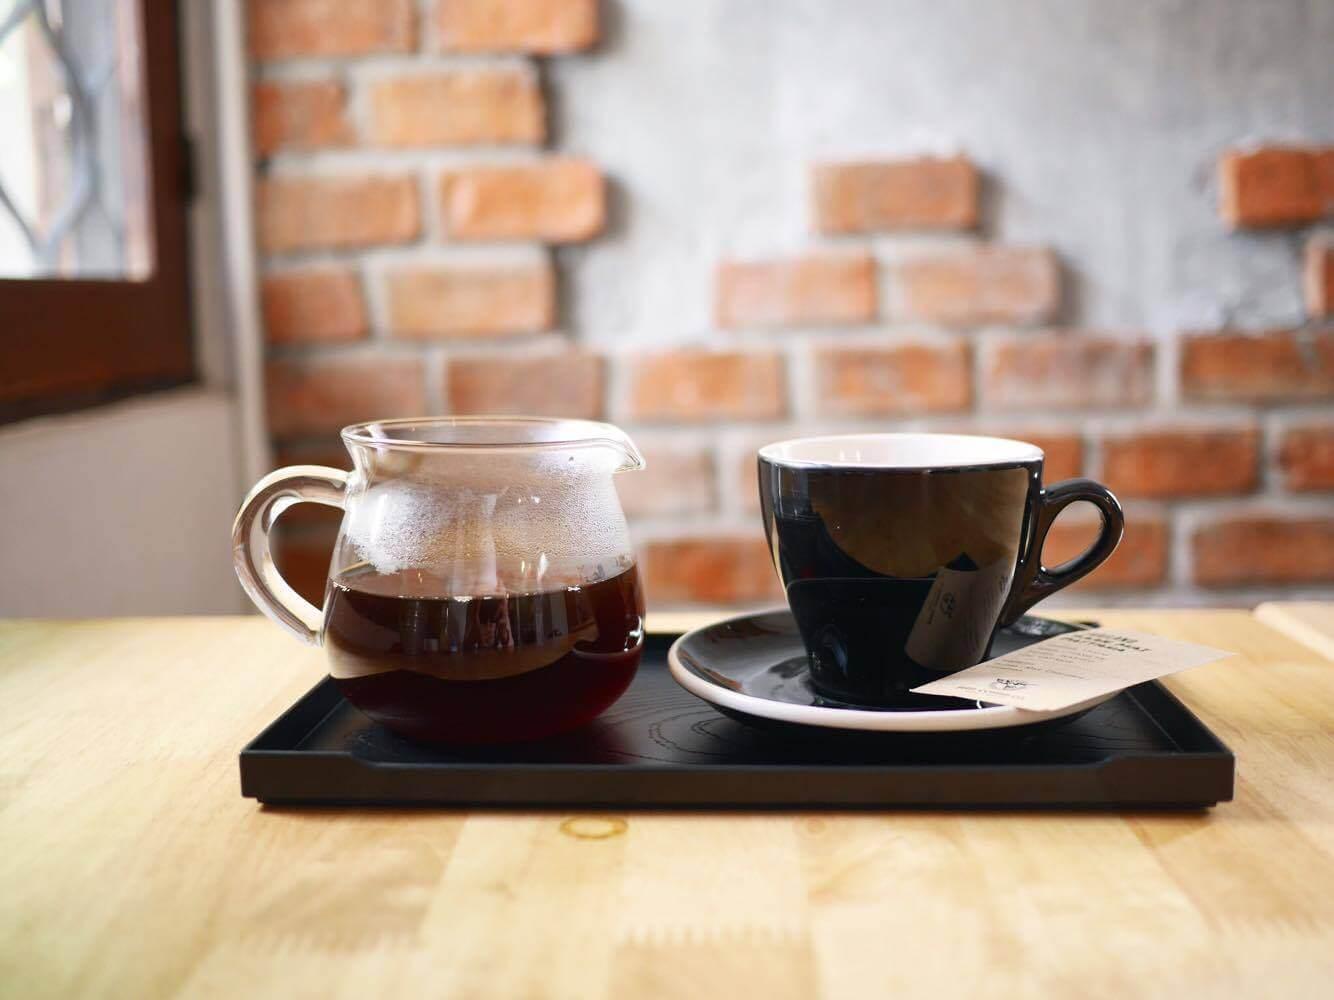 10 ร้านกาแฟ ทองหล่อ - เอกมัย เครื่องดื่มเด็ด บรรยากาศดี 46 - Ananda Development (อนันดา ดีเวลลอปเม้นท์)